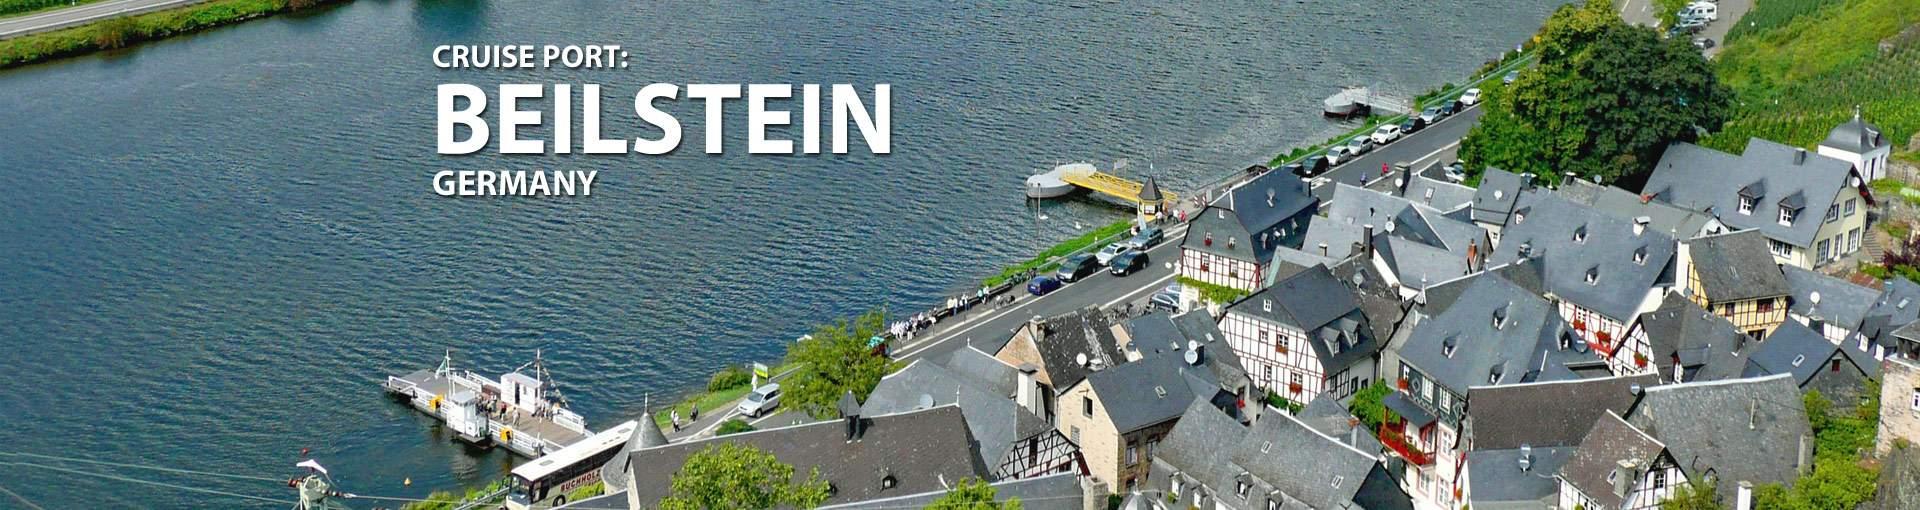 Beilstein, Germany Cruise Port